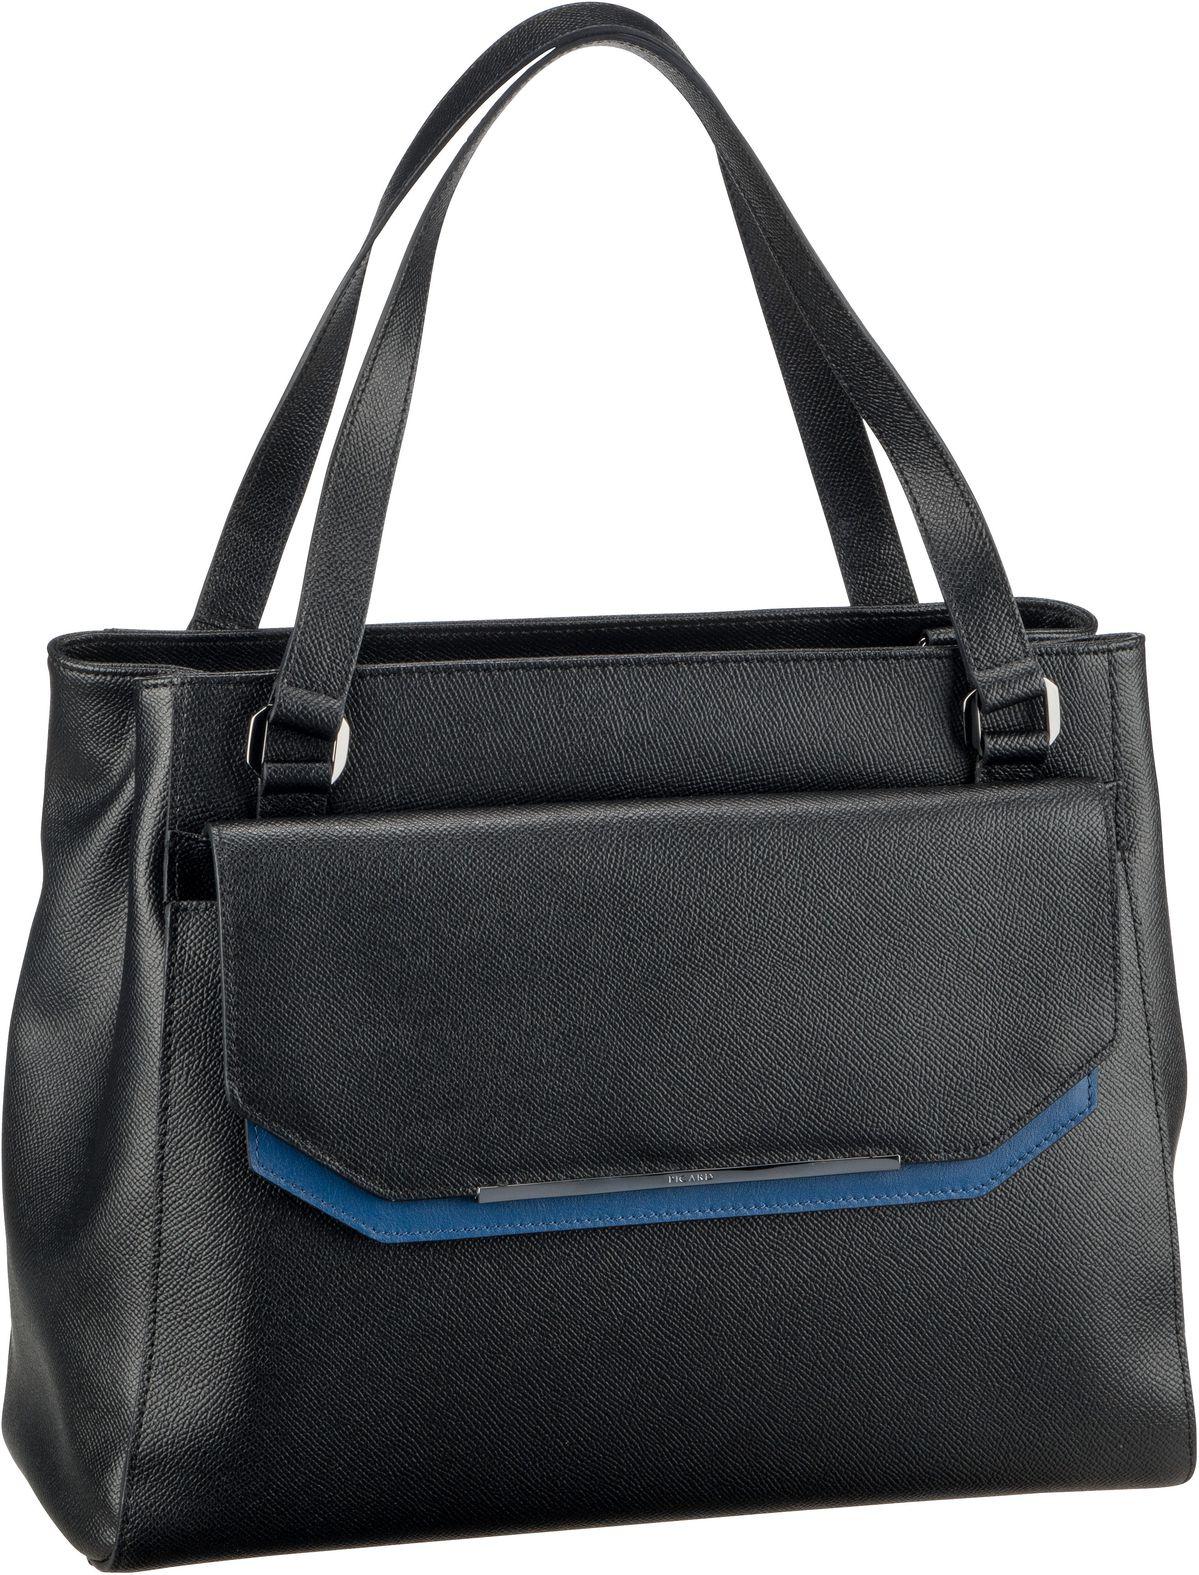 Handtasche 2Way 9505 Schwarz/Kombi